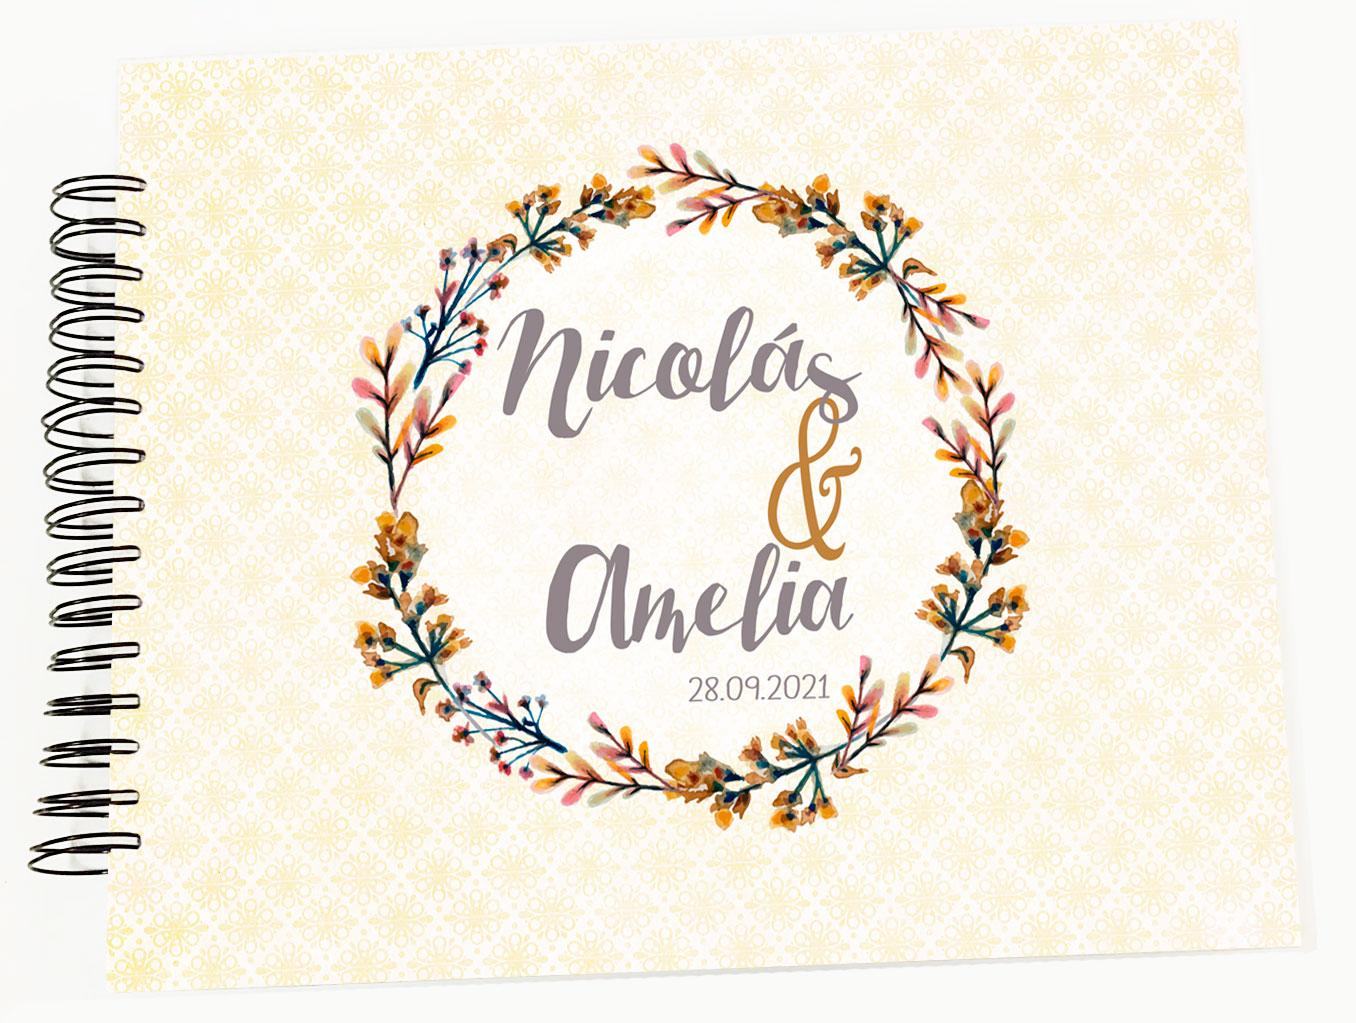 Libro de firmas álbum personalizado de fotos boda Petitkokoro modelo Nicolás